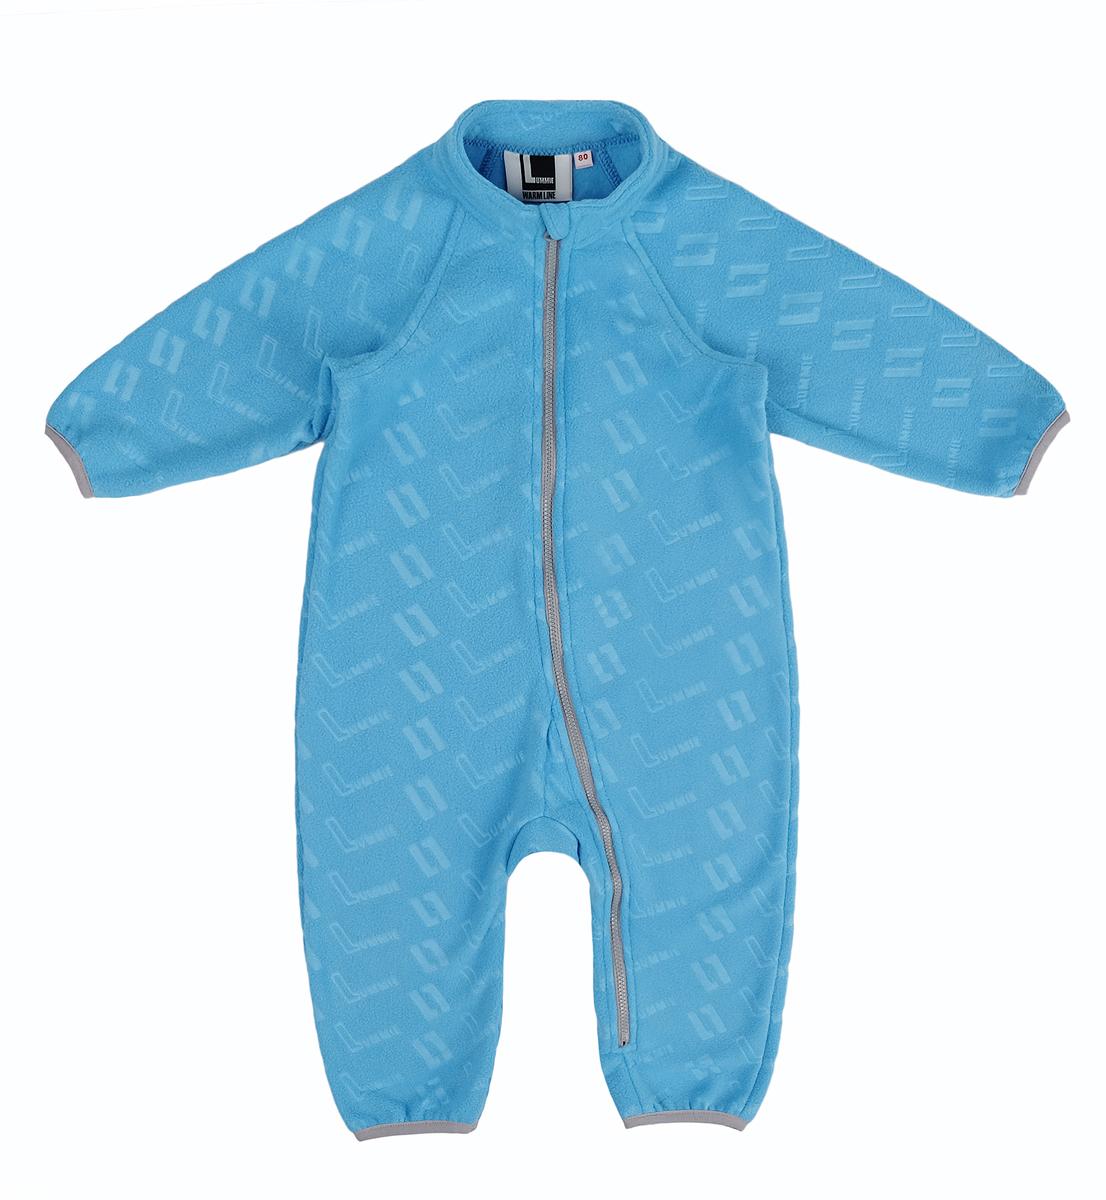 Комбинезон флисовый детский Lummie, цвет: синий. WL-21 L_blue. Размер 104, 4 годаWL-21 L_blueДетский комбинезон Lummie выполнен из мягкого и теплого флиса. Модель имеет длинные рукава-реглан, застегивается на молнию. Манжеты рукавов и брючины дополнены эластичными резинками.